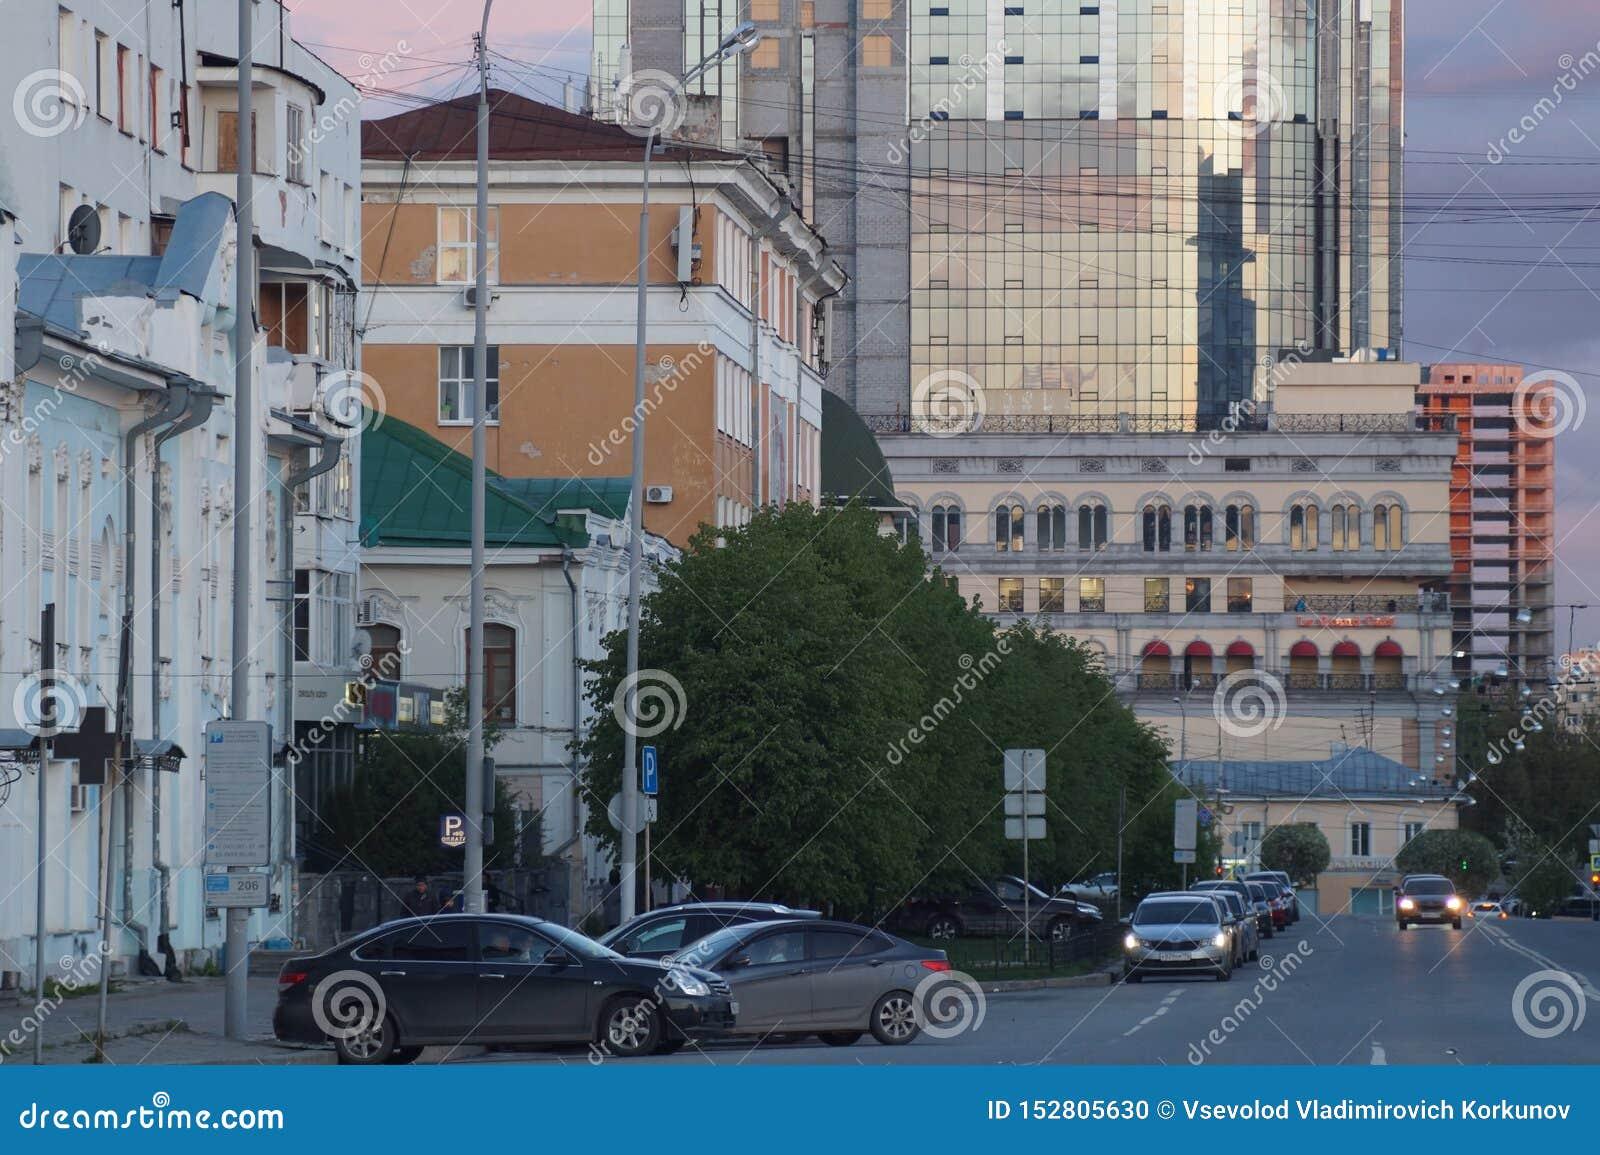 Stadtbild: Ansicht von der Straße von Pushkin Sonnenuntergang färbt den Himmel und das Glas von Gebäuden